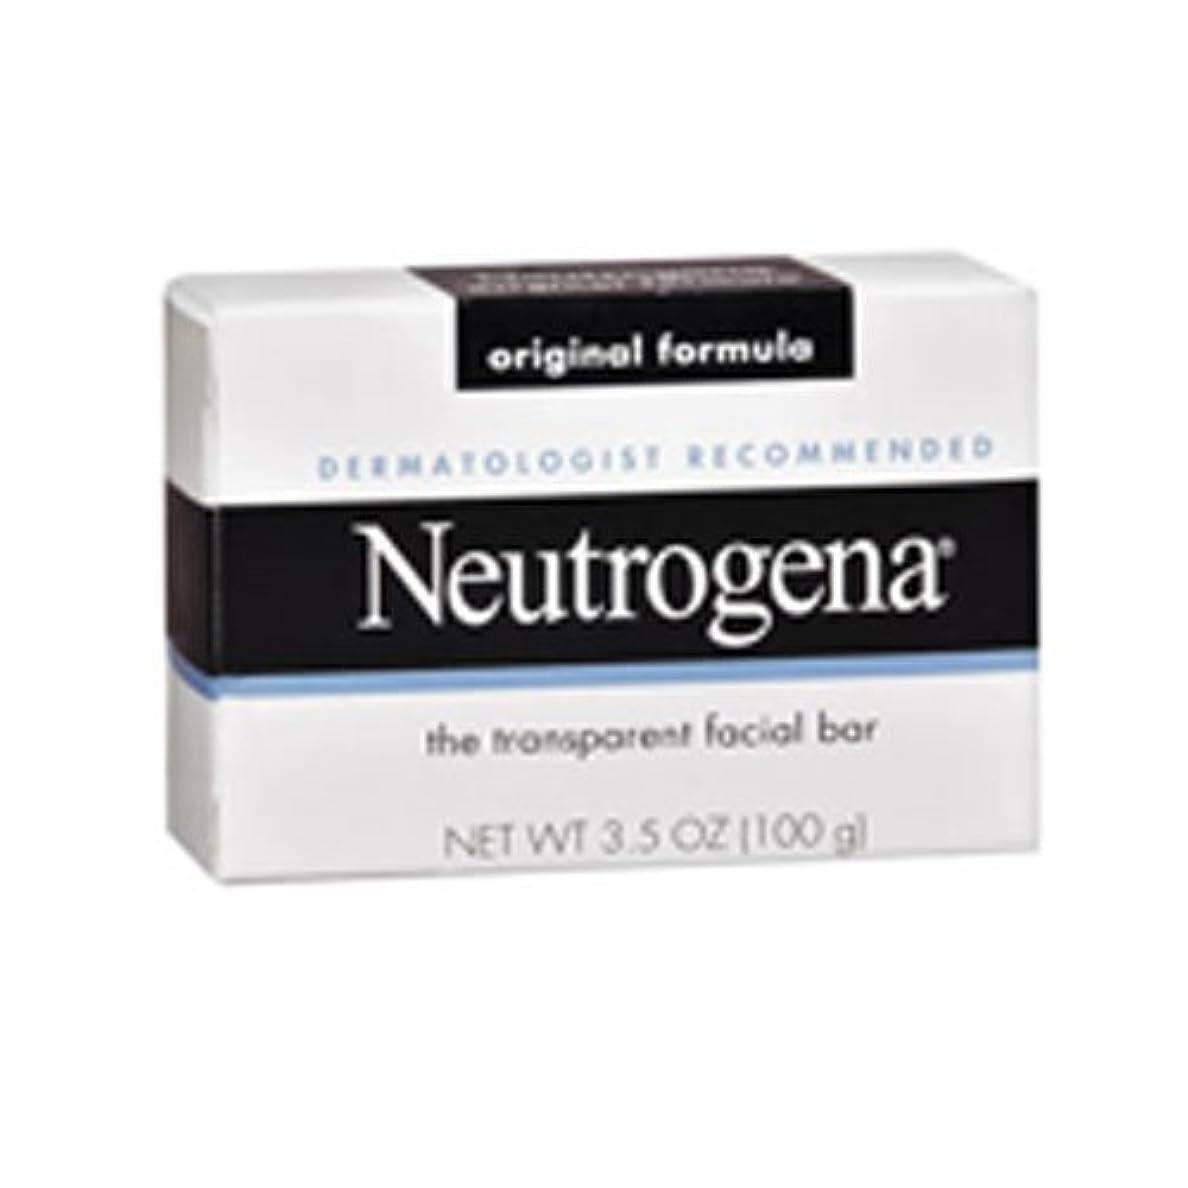 お勧め化学薬品シットコム海外直送肘 Neutrogena Transparent Facial Soap Bar, 3.5 oz